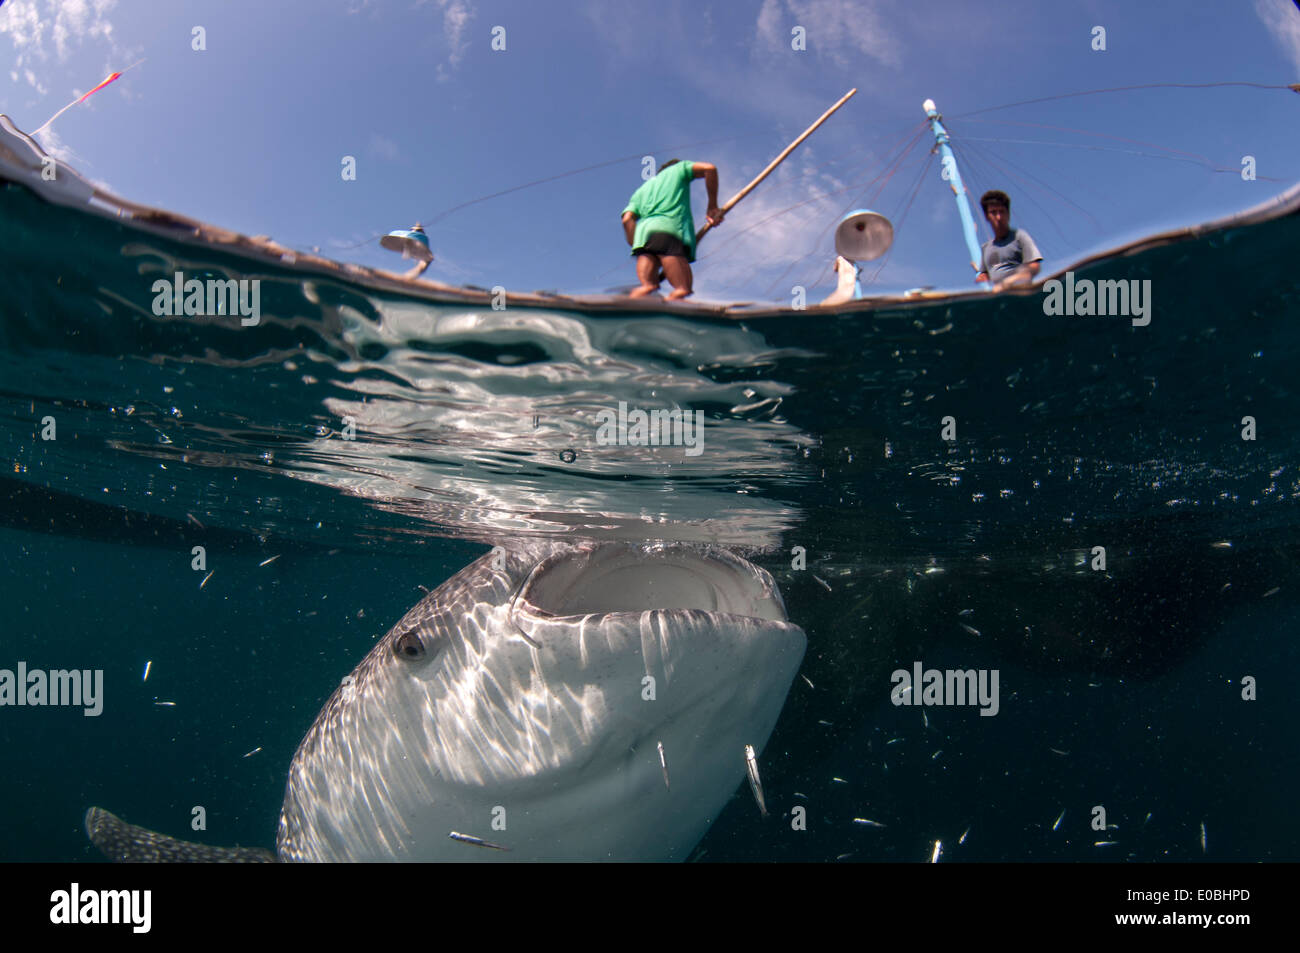 Split-Szene der Walhai unter einem Bagan (Fischerboot mit Plattform und Netze), Cenderawasih-Bucht, Neu-Guinea (Rhincodon Stockbild